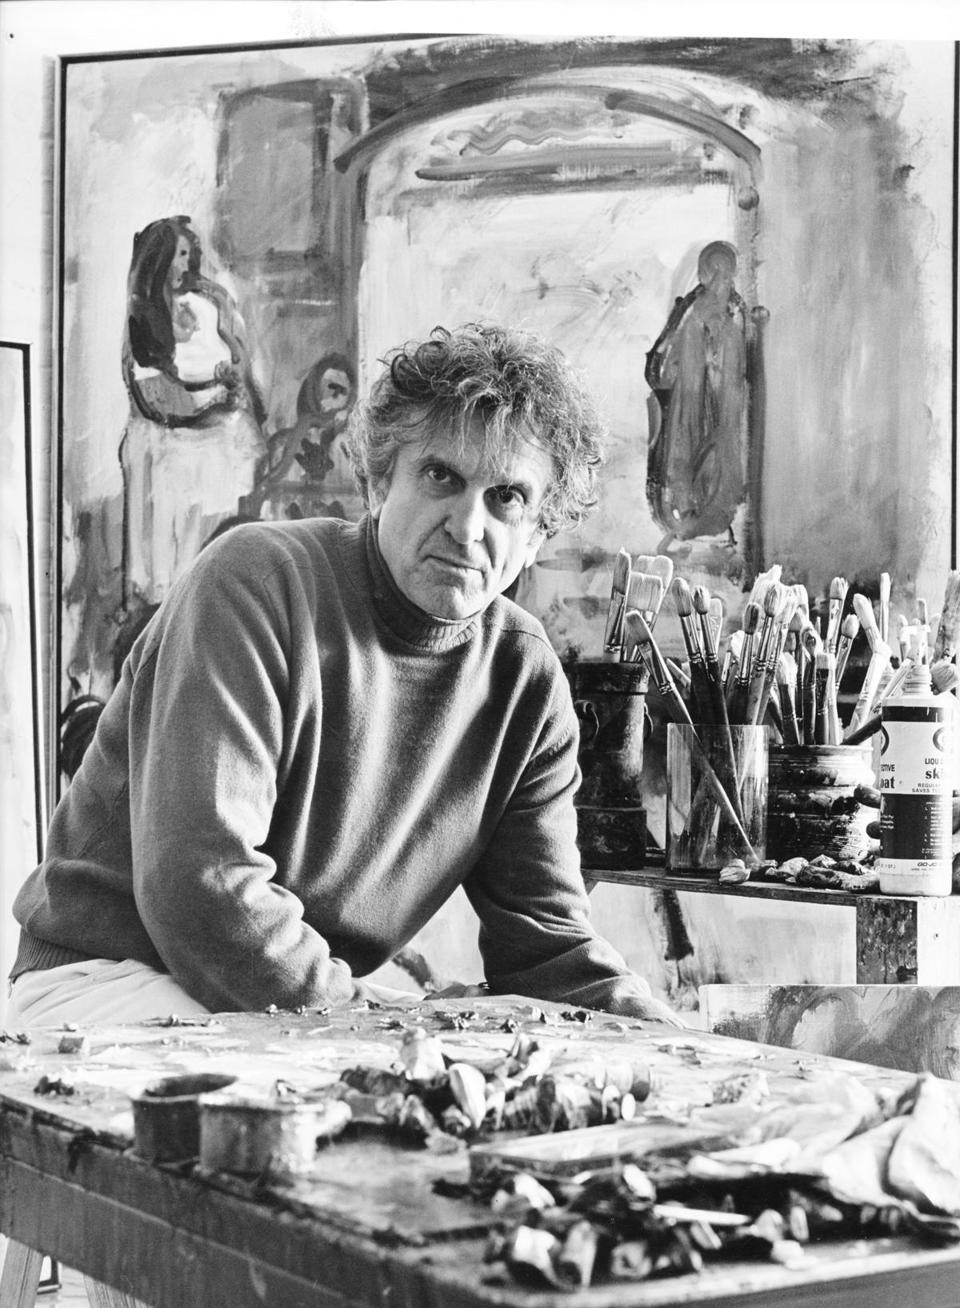 Amazon.com: Watch Remembering the Artist Robert De Niro